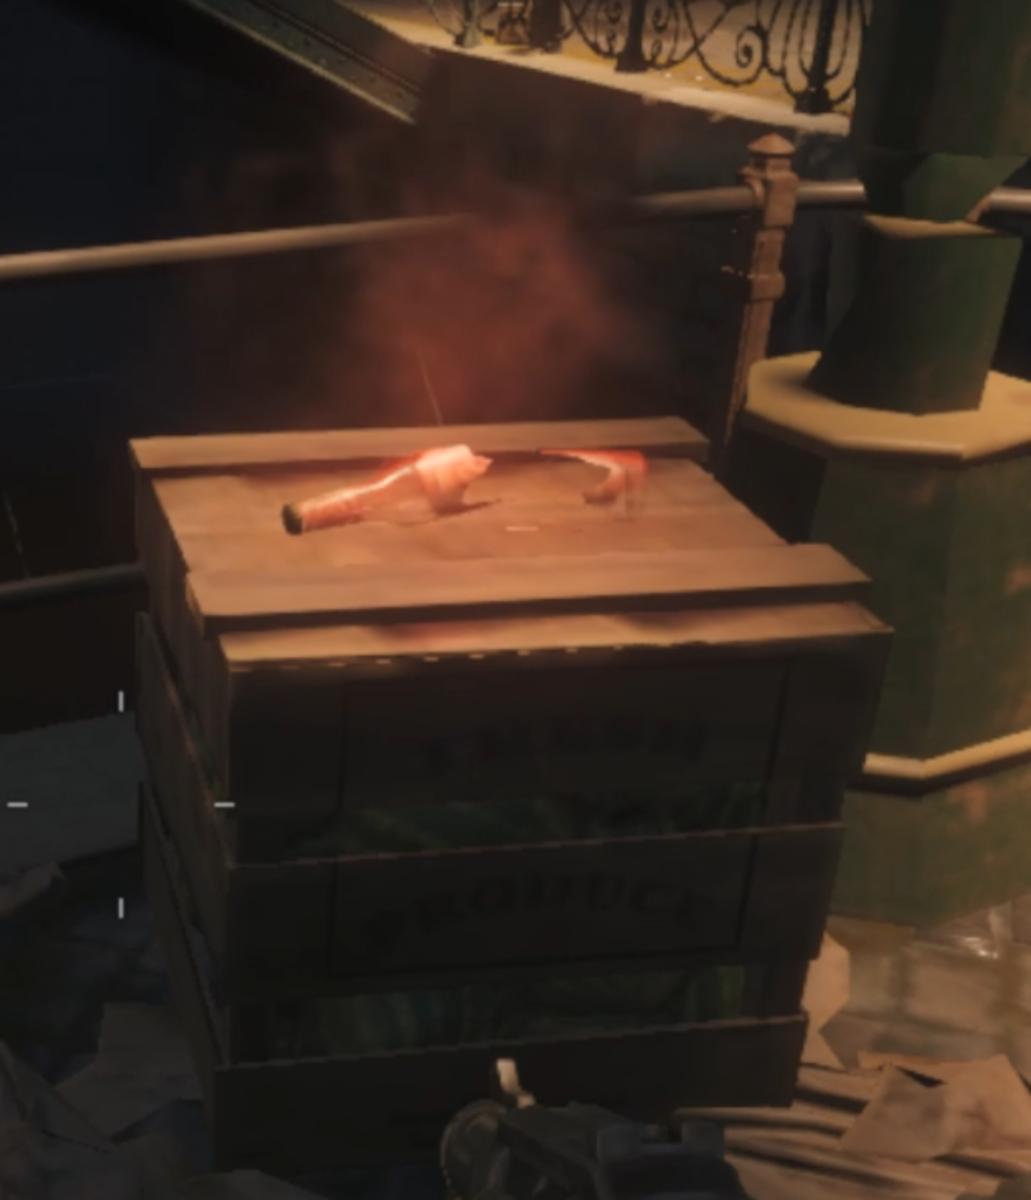 The broken red bottle marks the entrance to Juggernog.